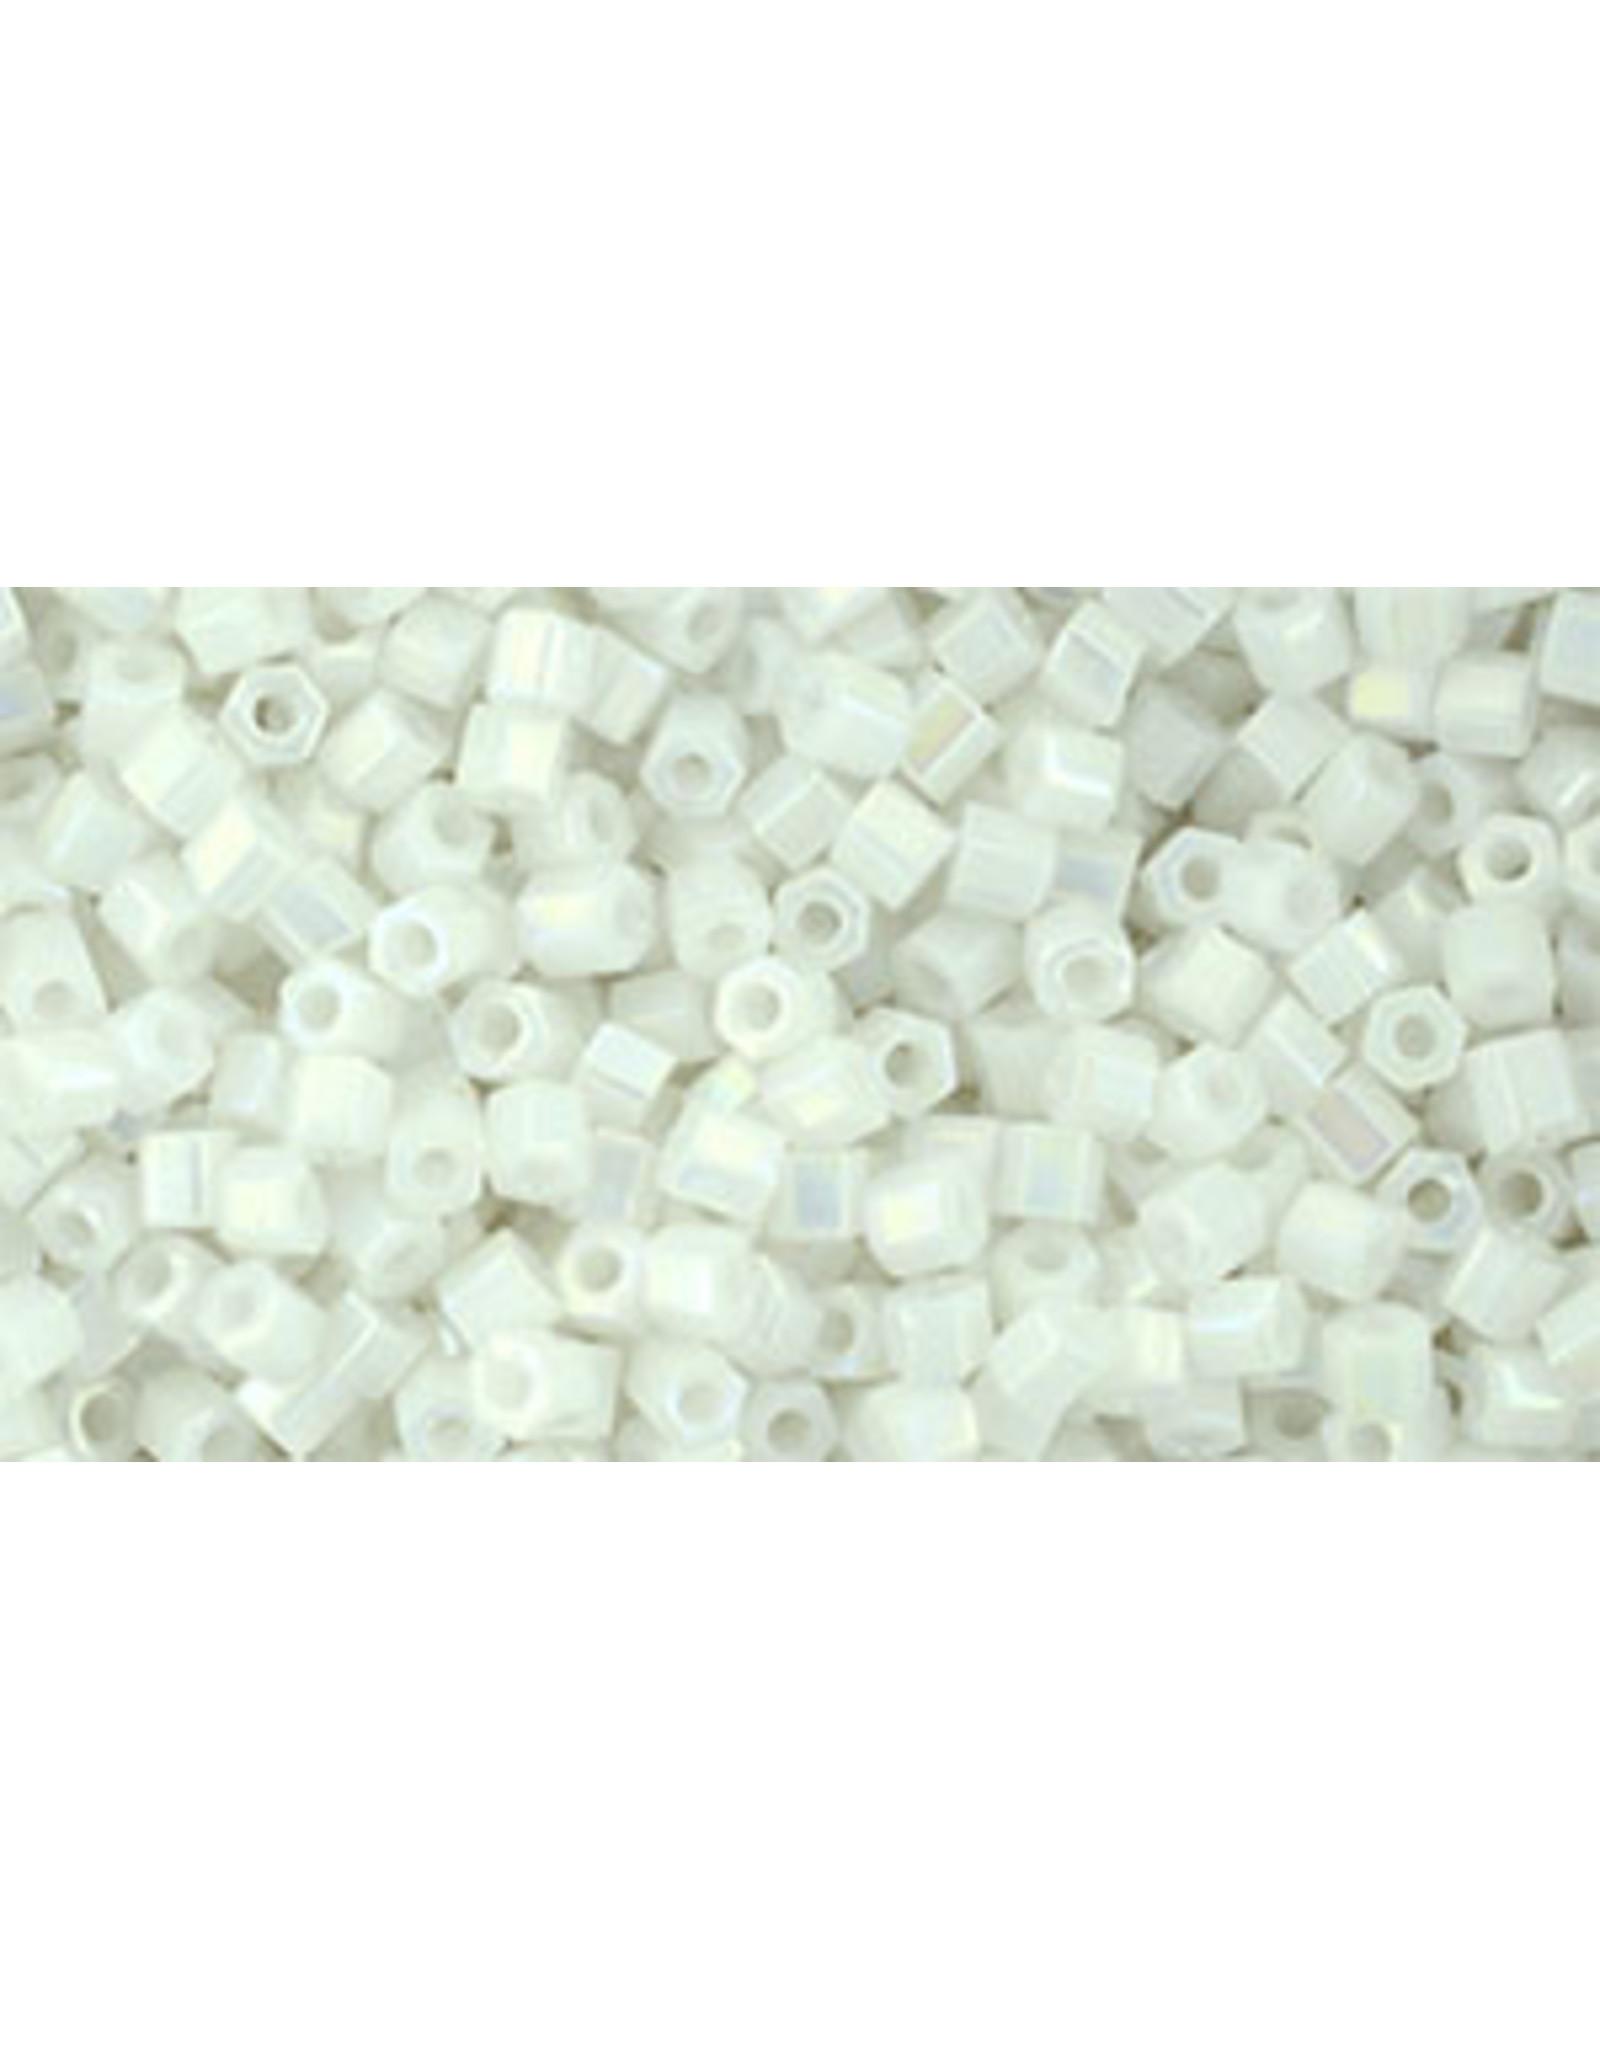 Toho 401 11  Hex 6g Opaque White AB